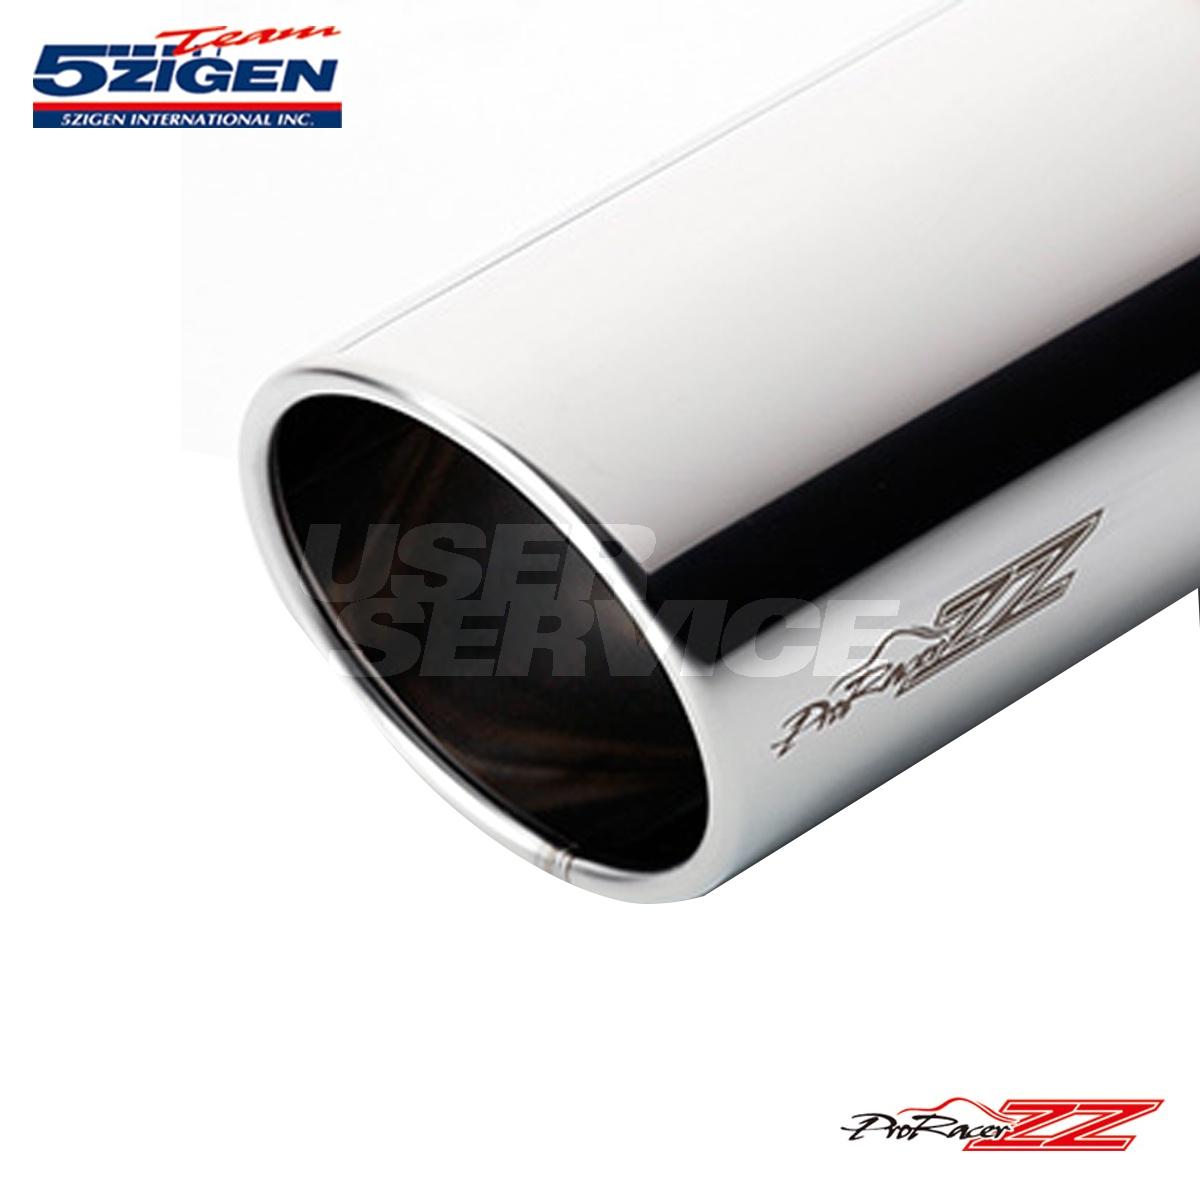 5次元 プロレーサーZZ S2000 GH-AP1 マフラー 品番:PZH-017 5ZIGEN